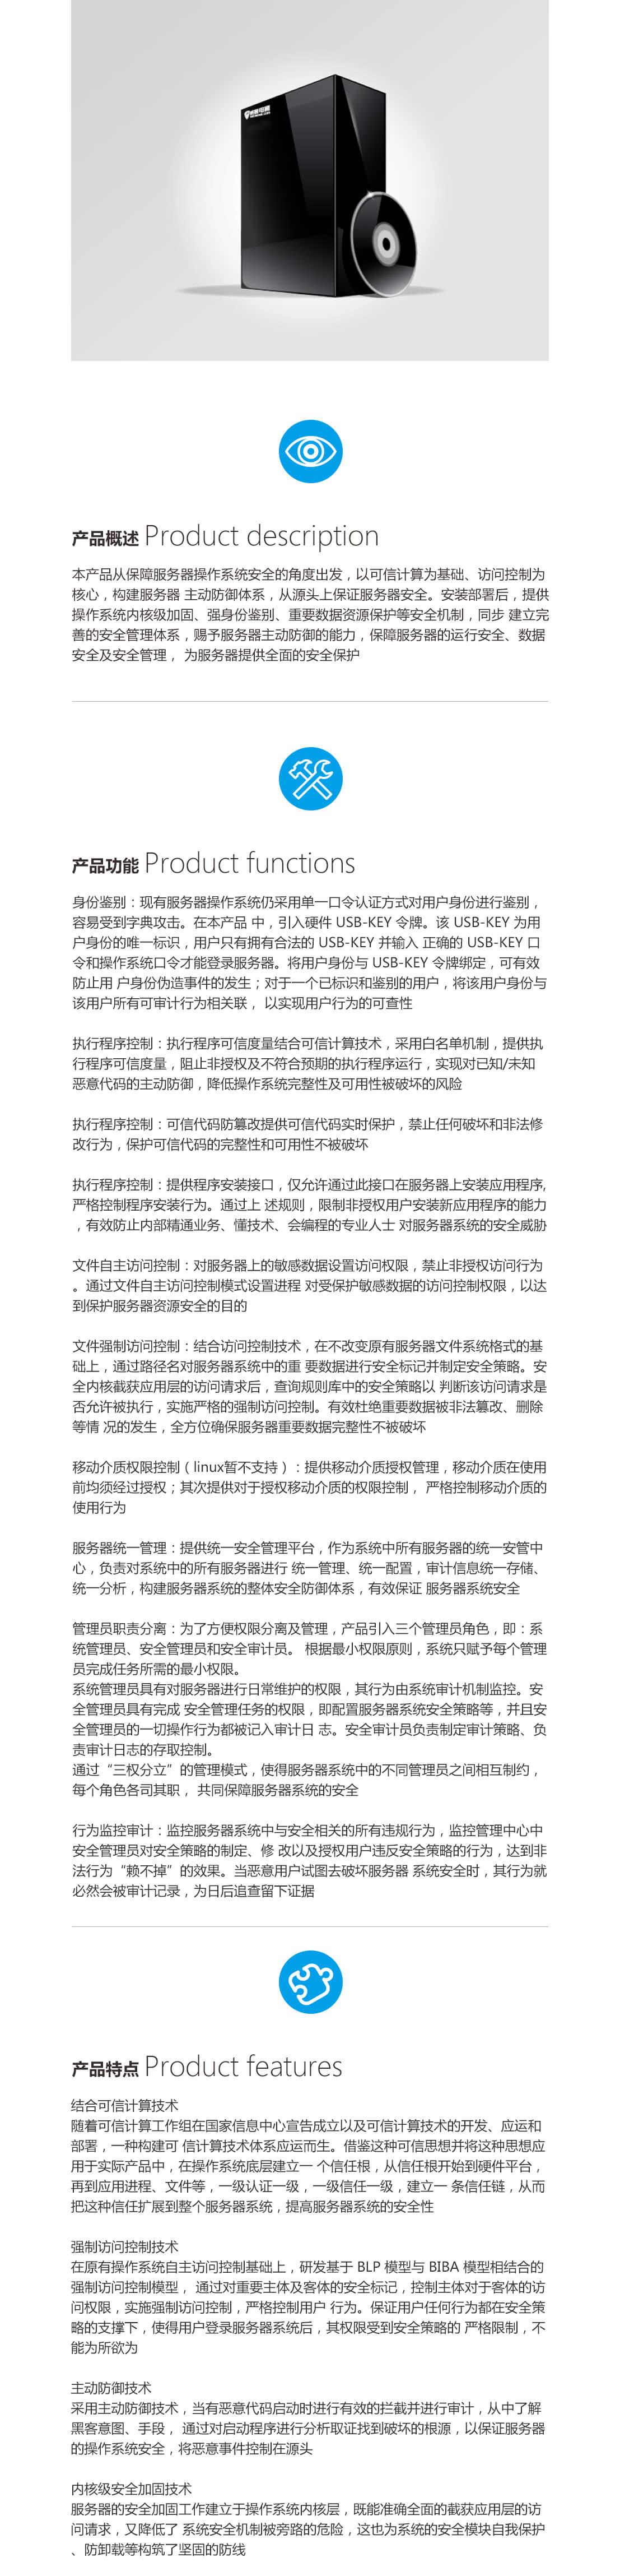 中软华泰系统安全加固软件.jpg